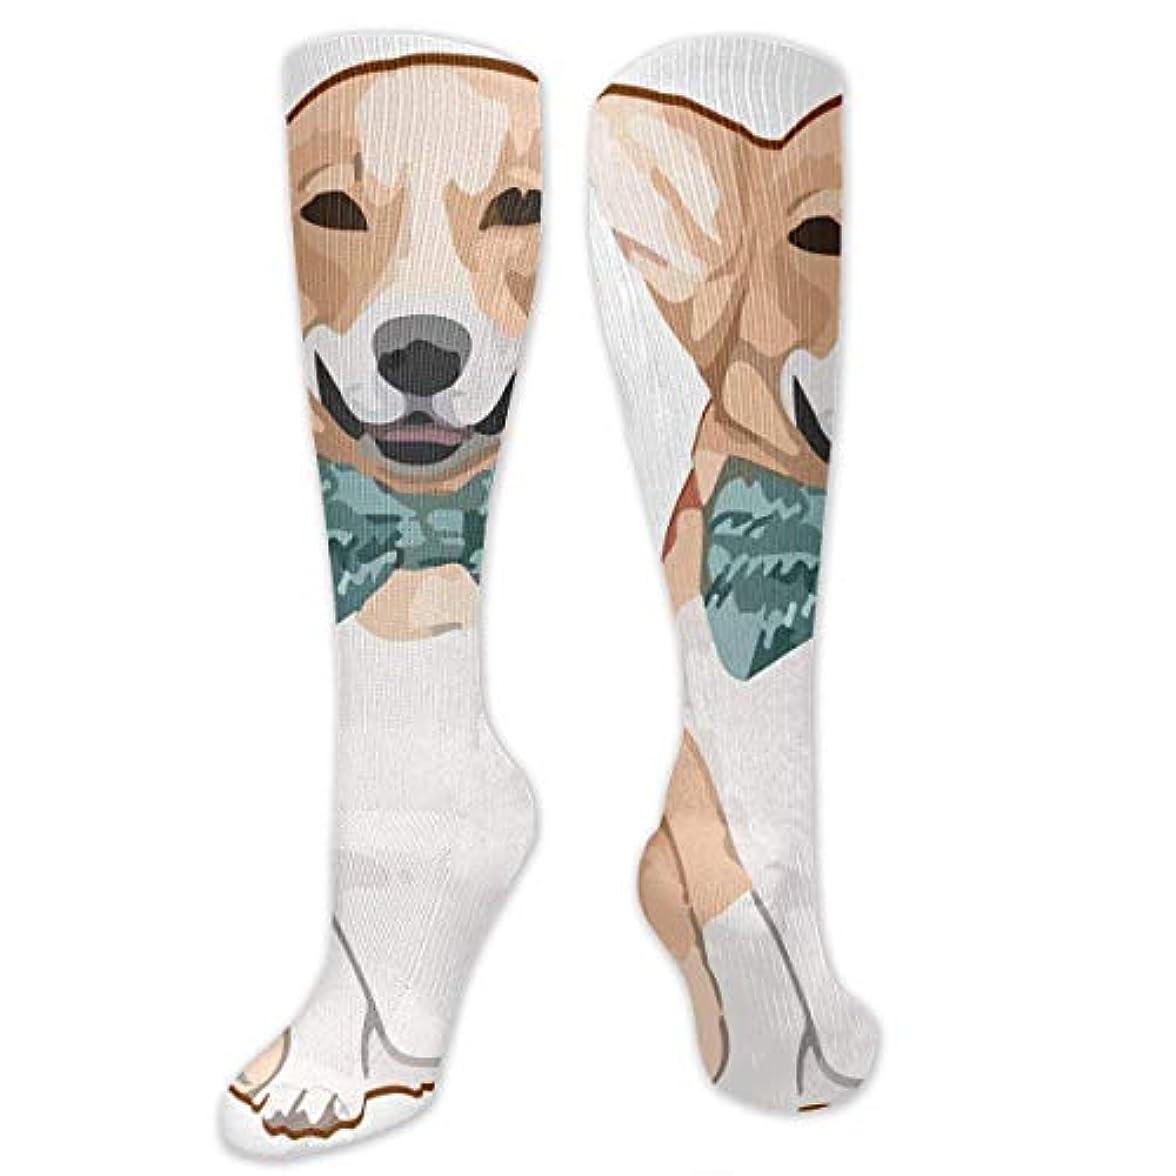 むちゃくちゃ量まぶしさQRRIYノベルティデザインクルーソックス、コーギー犬8、クリスマス休暇クレイジー楽しいカラフルなファンシーソックス、冬暖かいストレッチクルーソックス